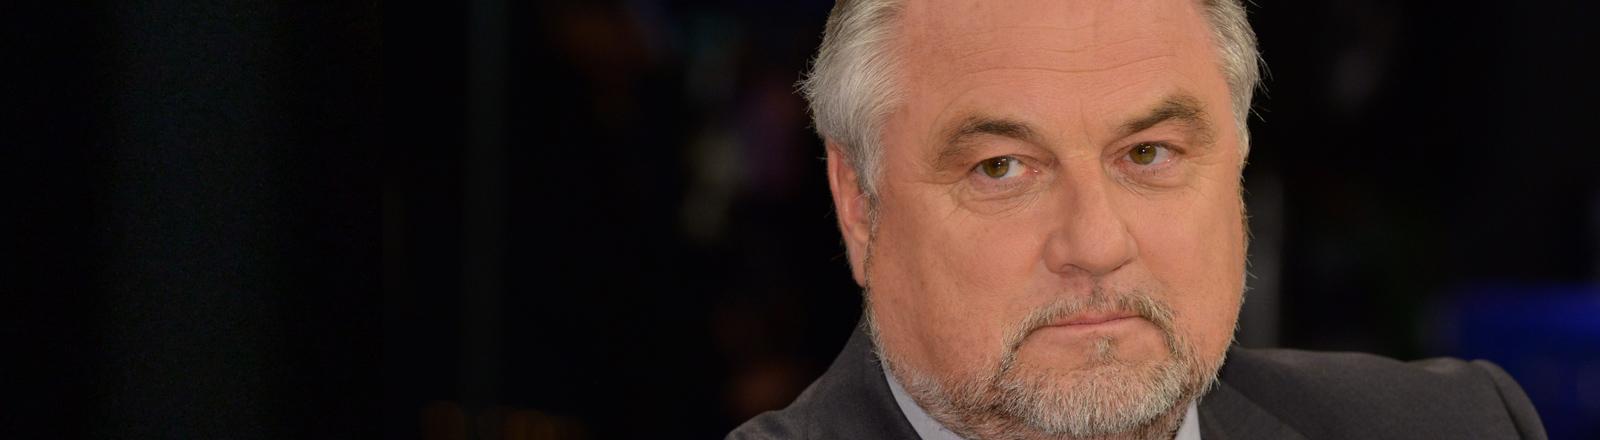 Ulf Küch, stellvertretender Bundesvorsitzender des Bundes Deutscher Kriminalbeamter und Polizeichef Braunschweig am 28.01.2016.